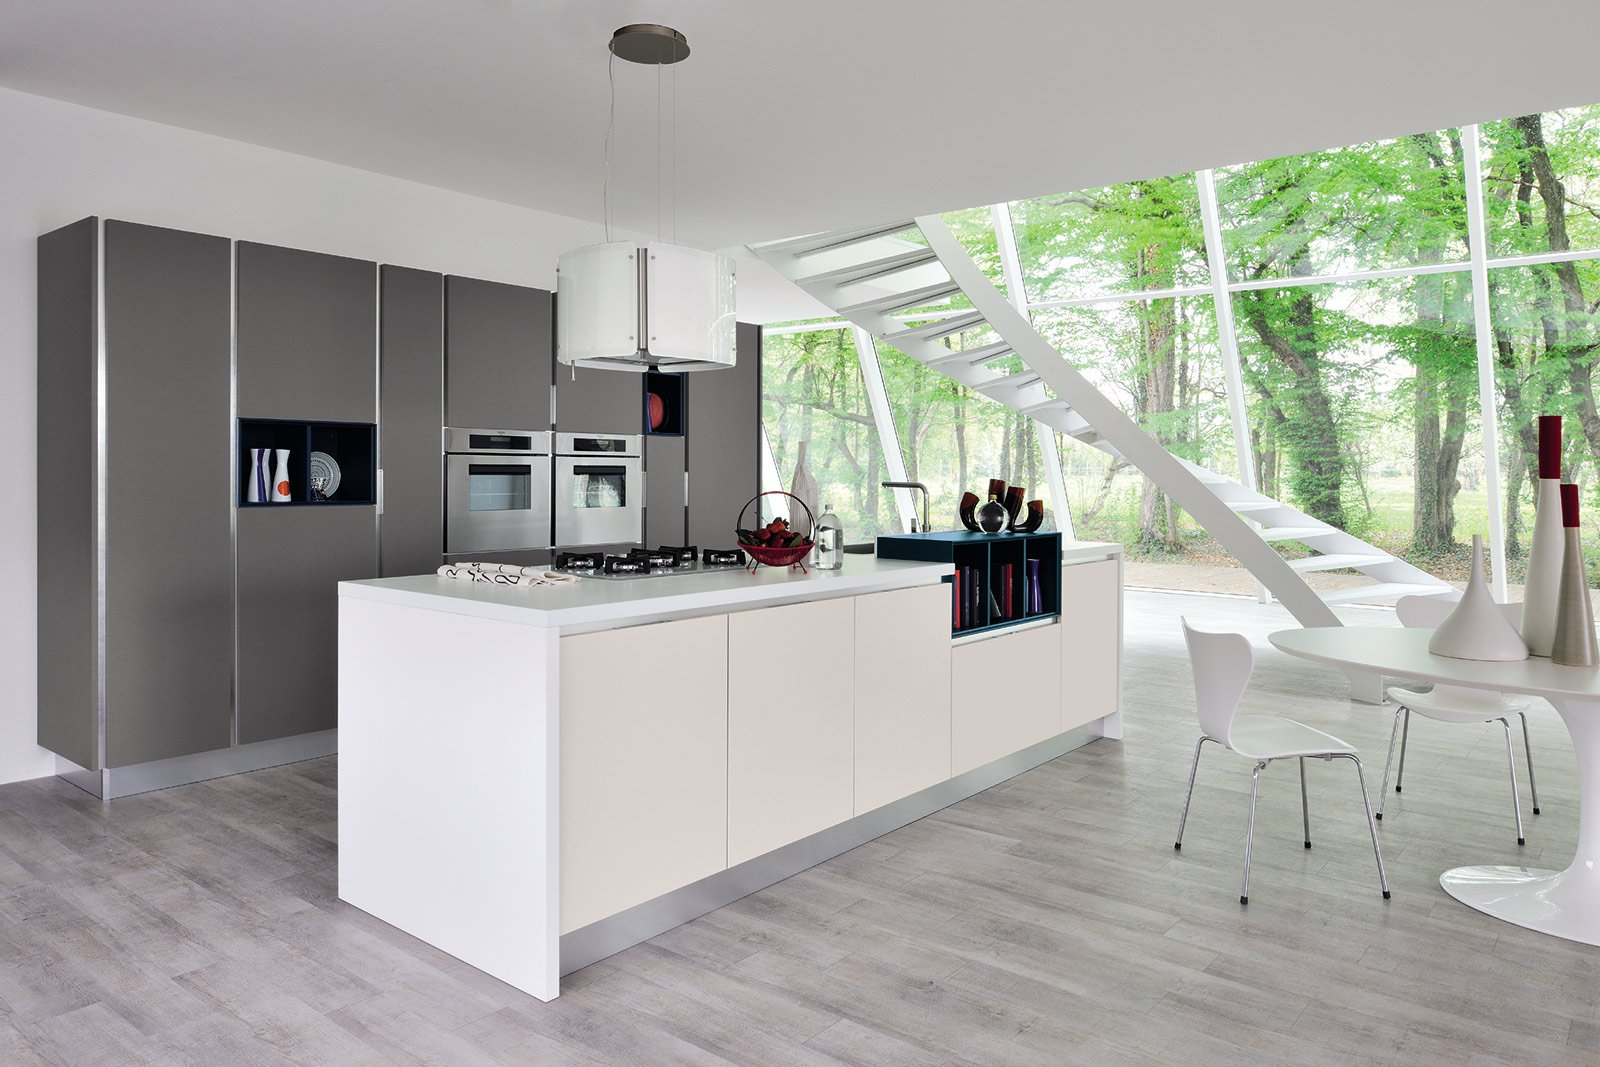 La cucina con l 39 isola monocromatica o bicolore cose di casa for Cuisine designer italien